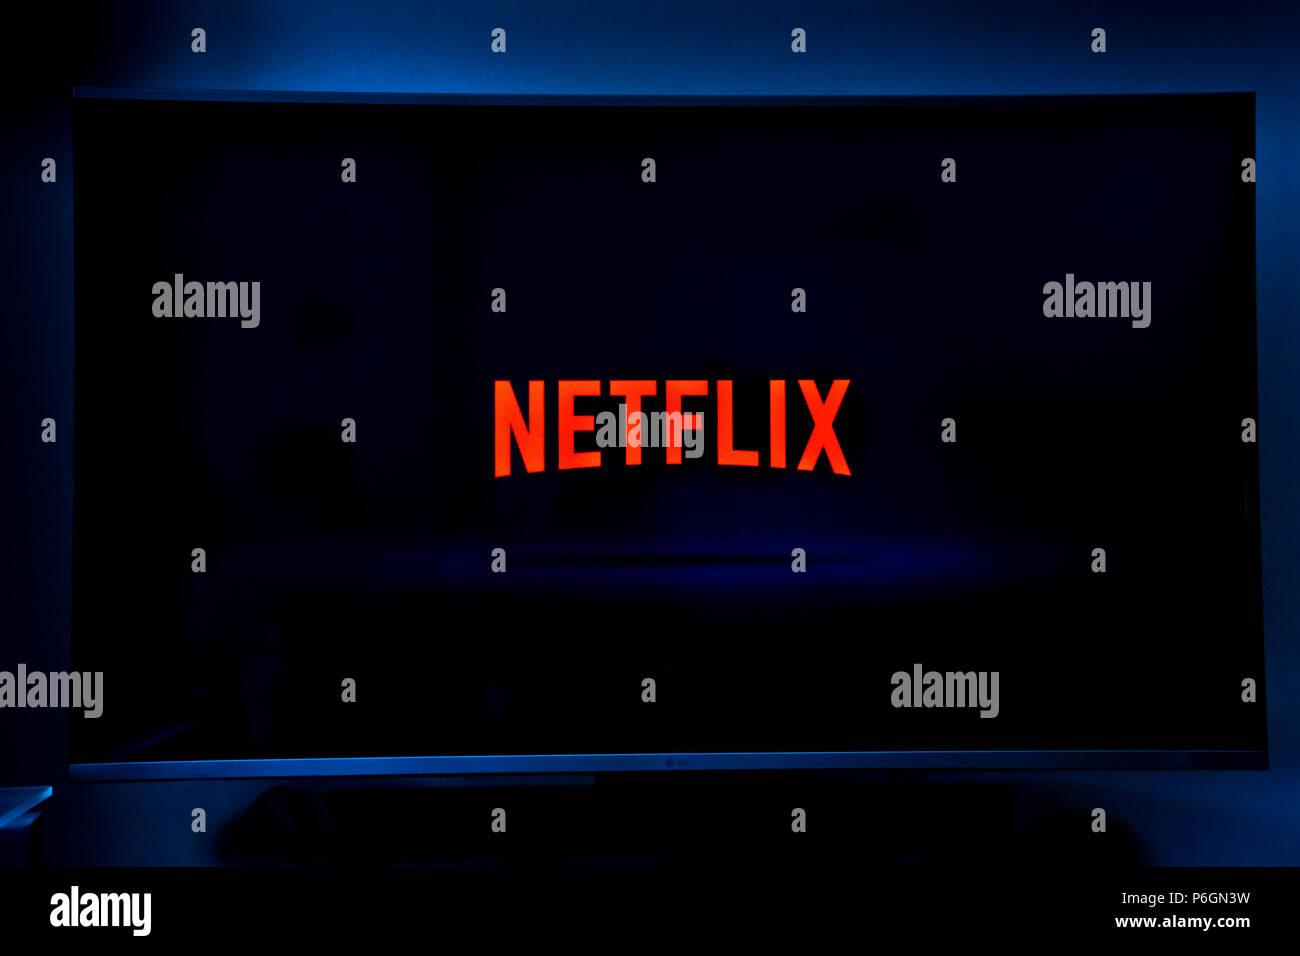 Netflix schermata di benvenuto con il logo su un televisore Immagini Stock